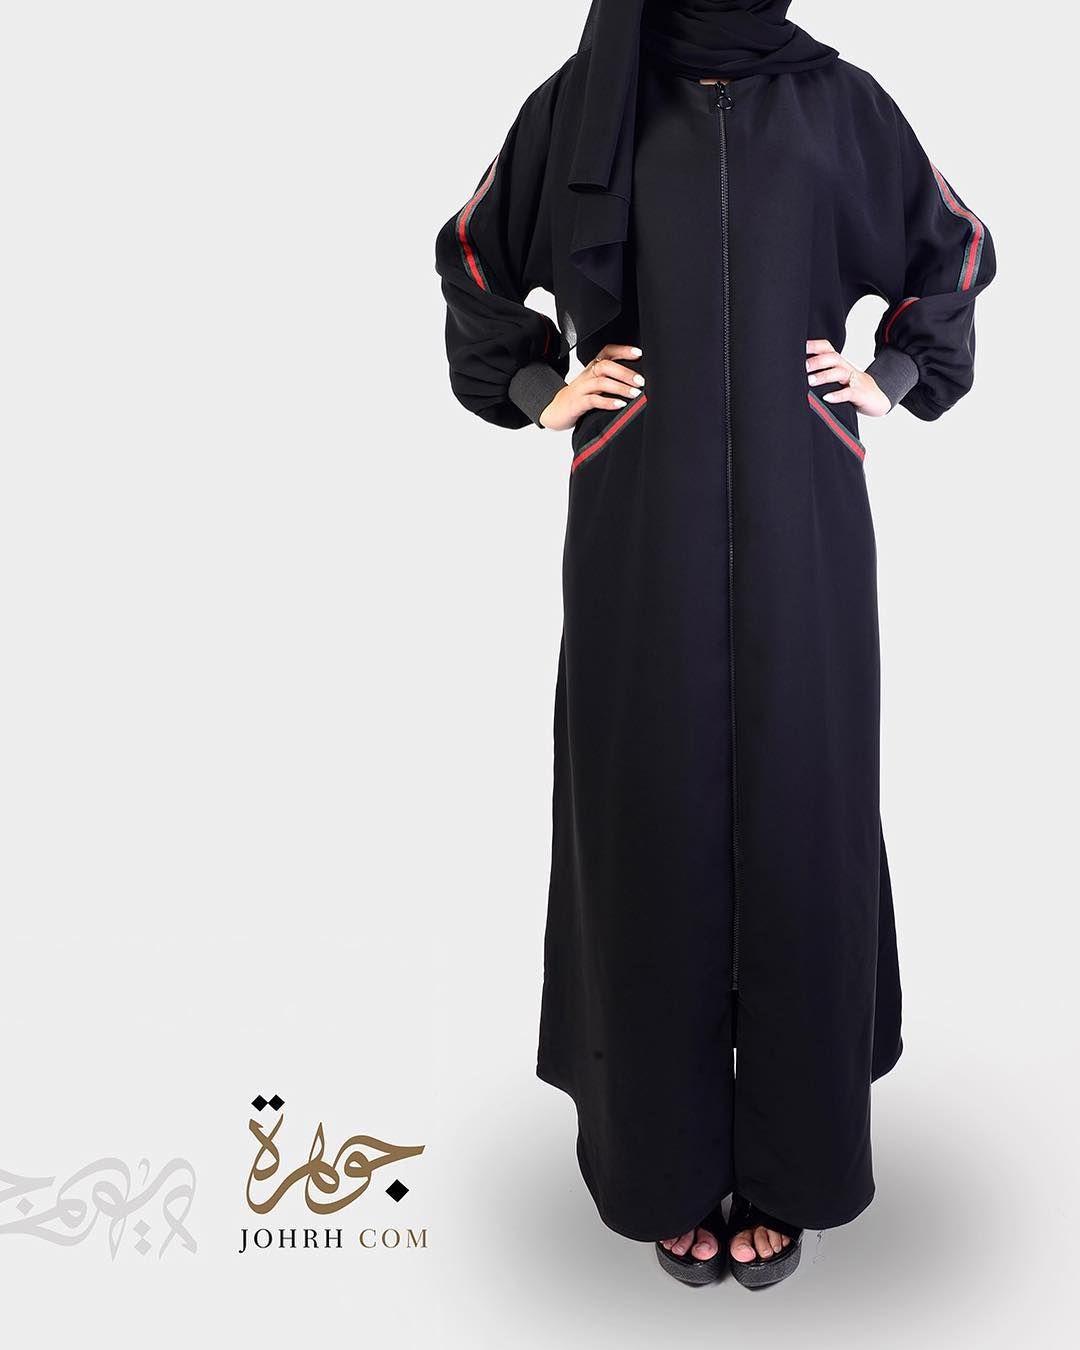 السعر 195 قوتشي جيوب كوني عصرية مع هذه العباية الكاجوال المفعمة بالشباب والحيوية مع سحاب عريض من الامام والشرائ African Fashion Dresses Fashion African Fashion